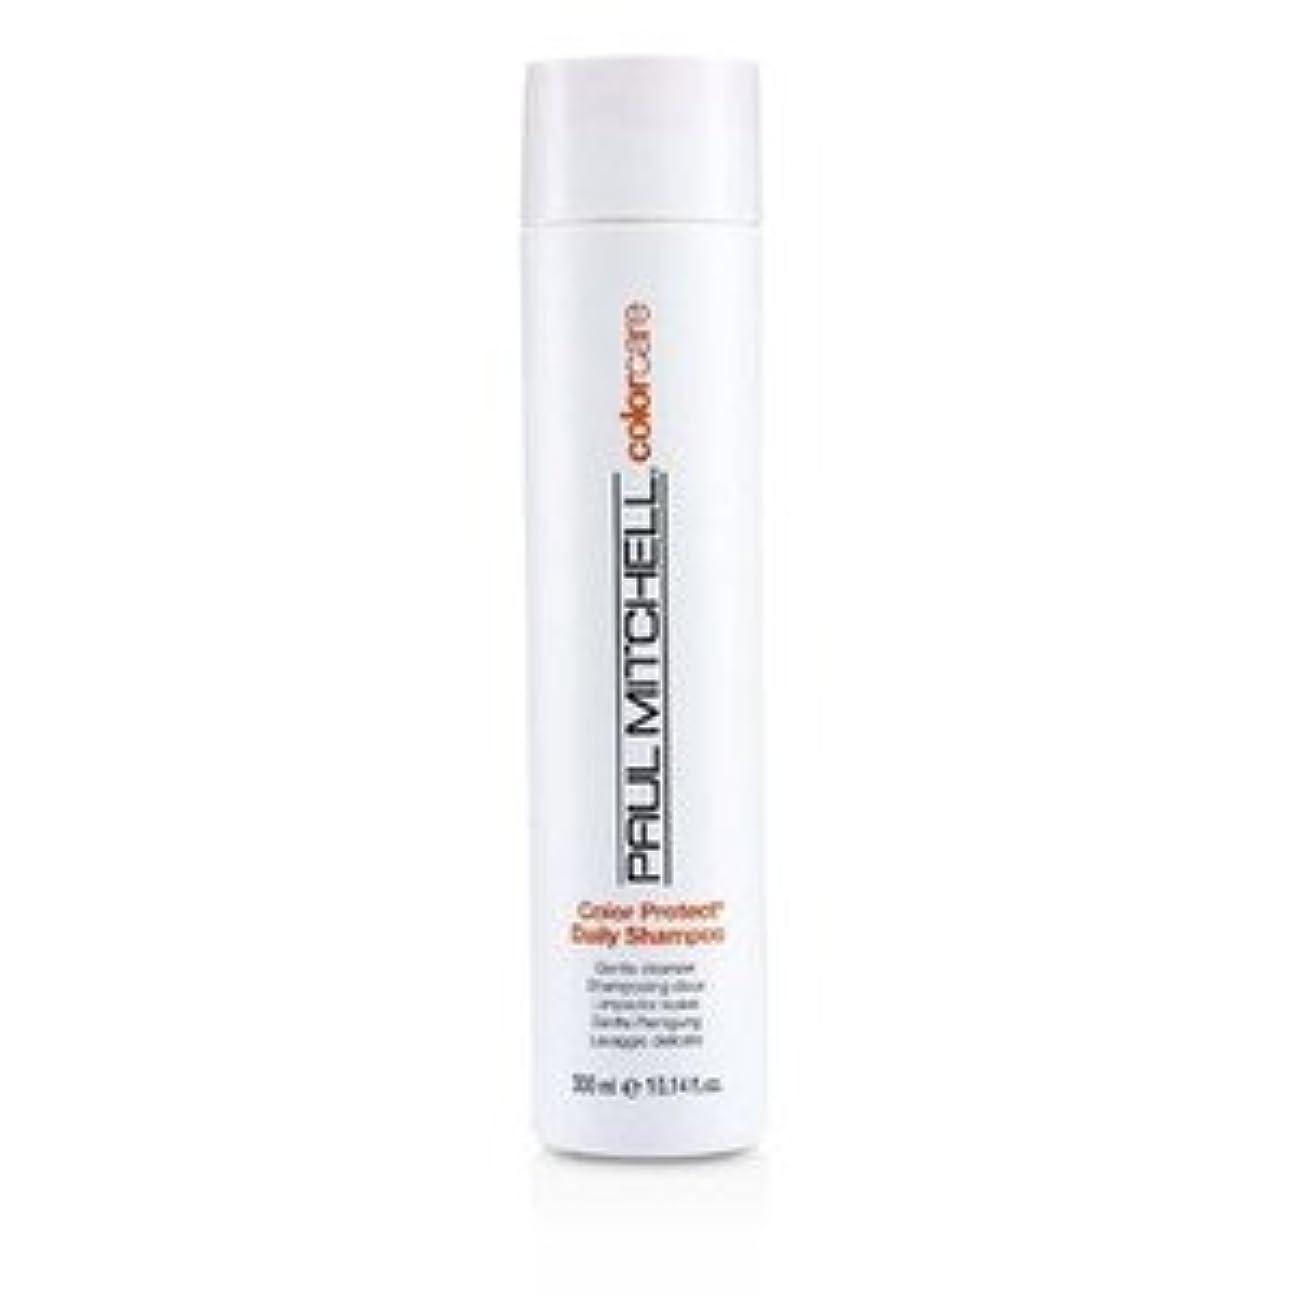 圧縮図書館乱闘PAUL MITCHELL(ポールミッチェル) Color Protect Daily Shampoo(Gentle Cleanser) 300ml/10.14oz [並行輸入品]